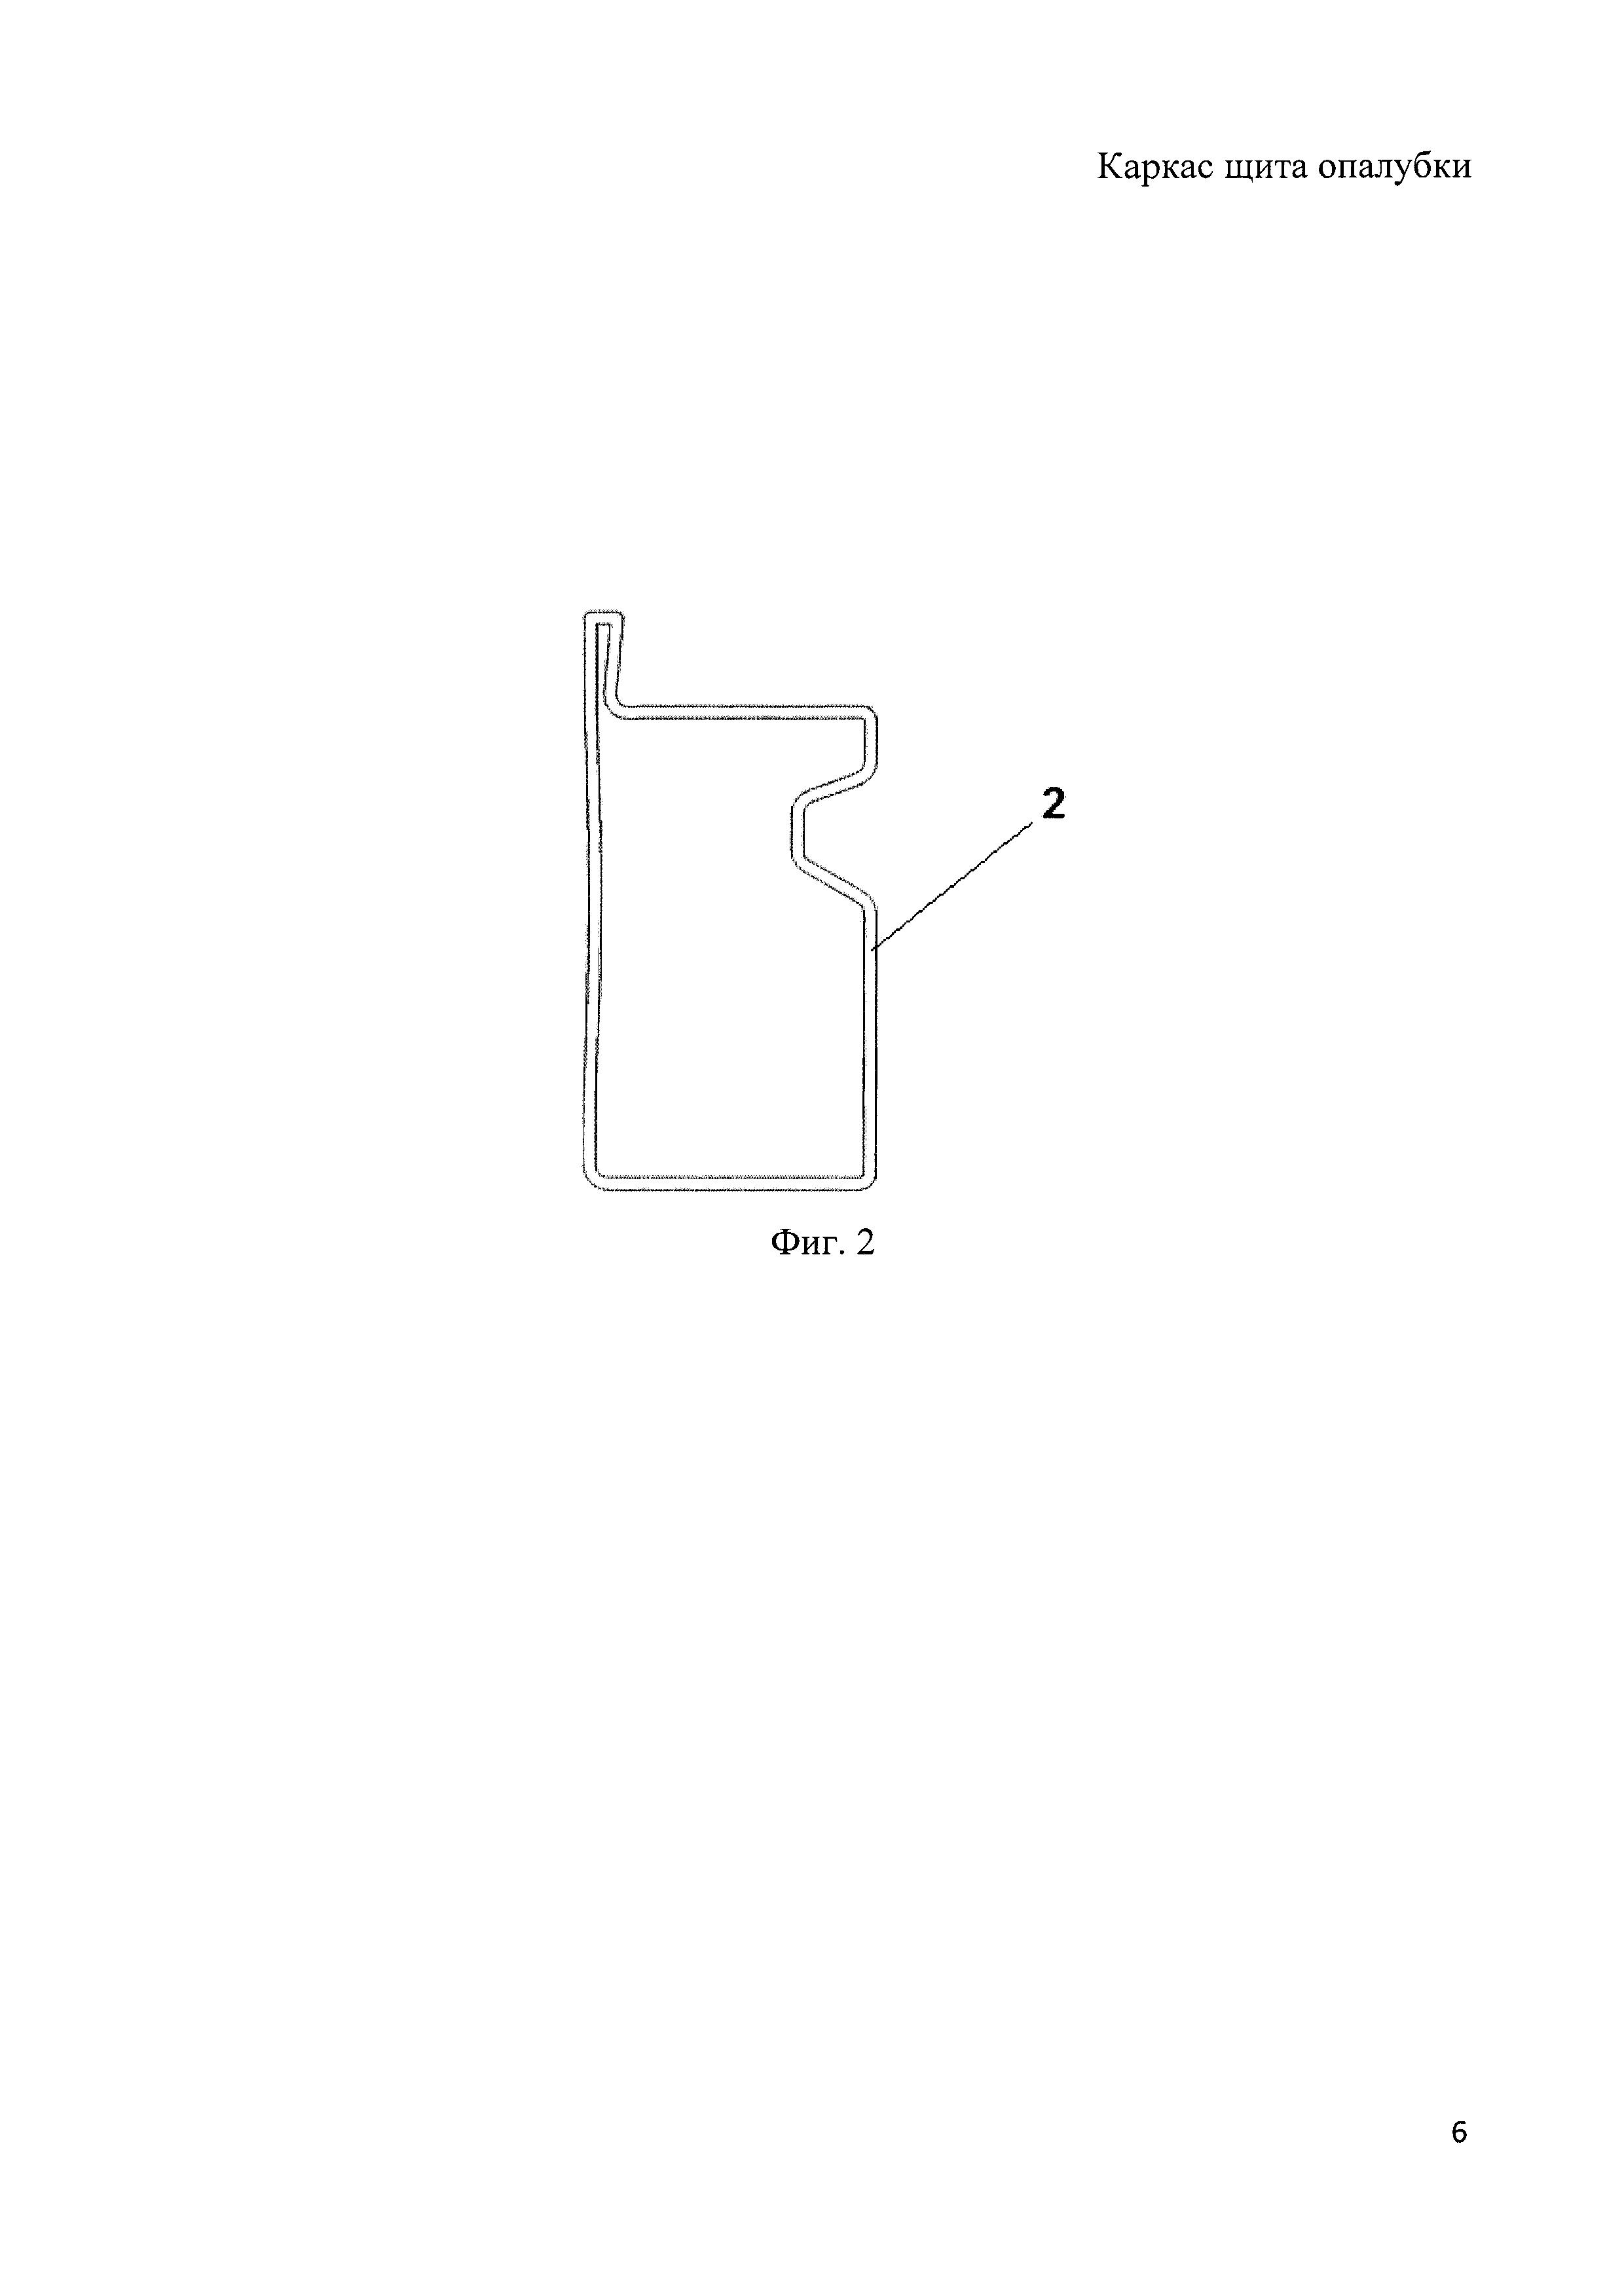 Каркас щита опалубки